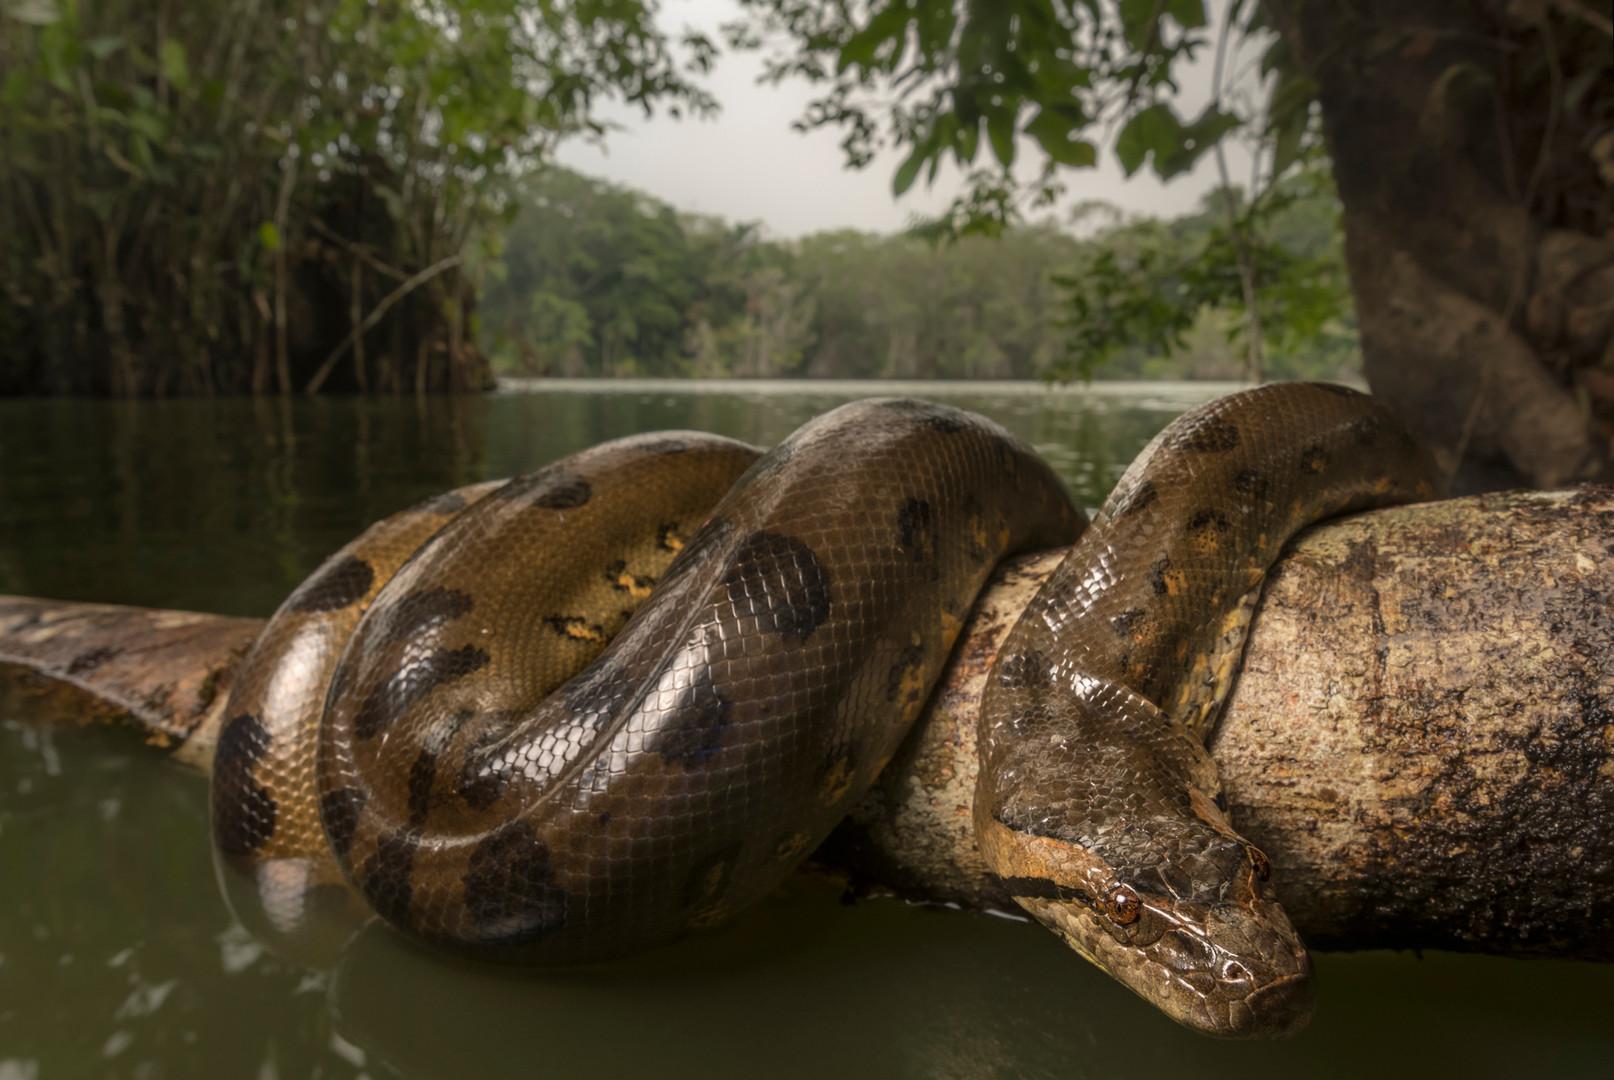 Anaconda - Eunectes murinus - Sucumbios, Ecuador